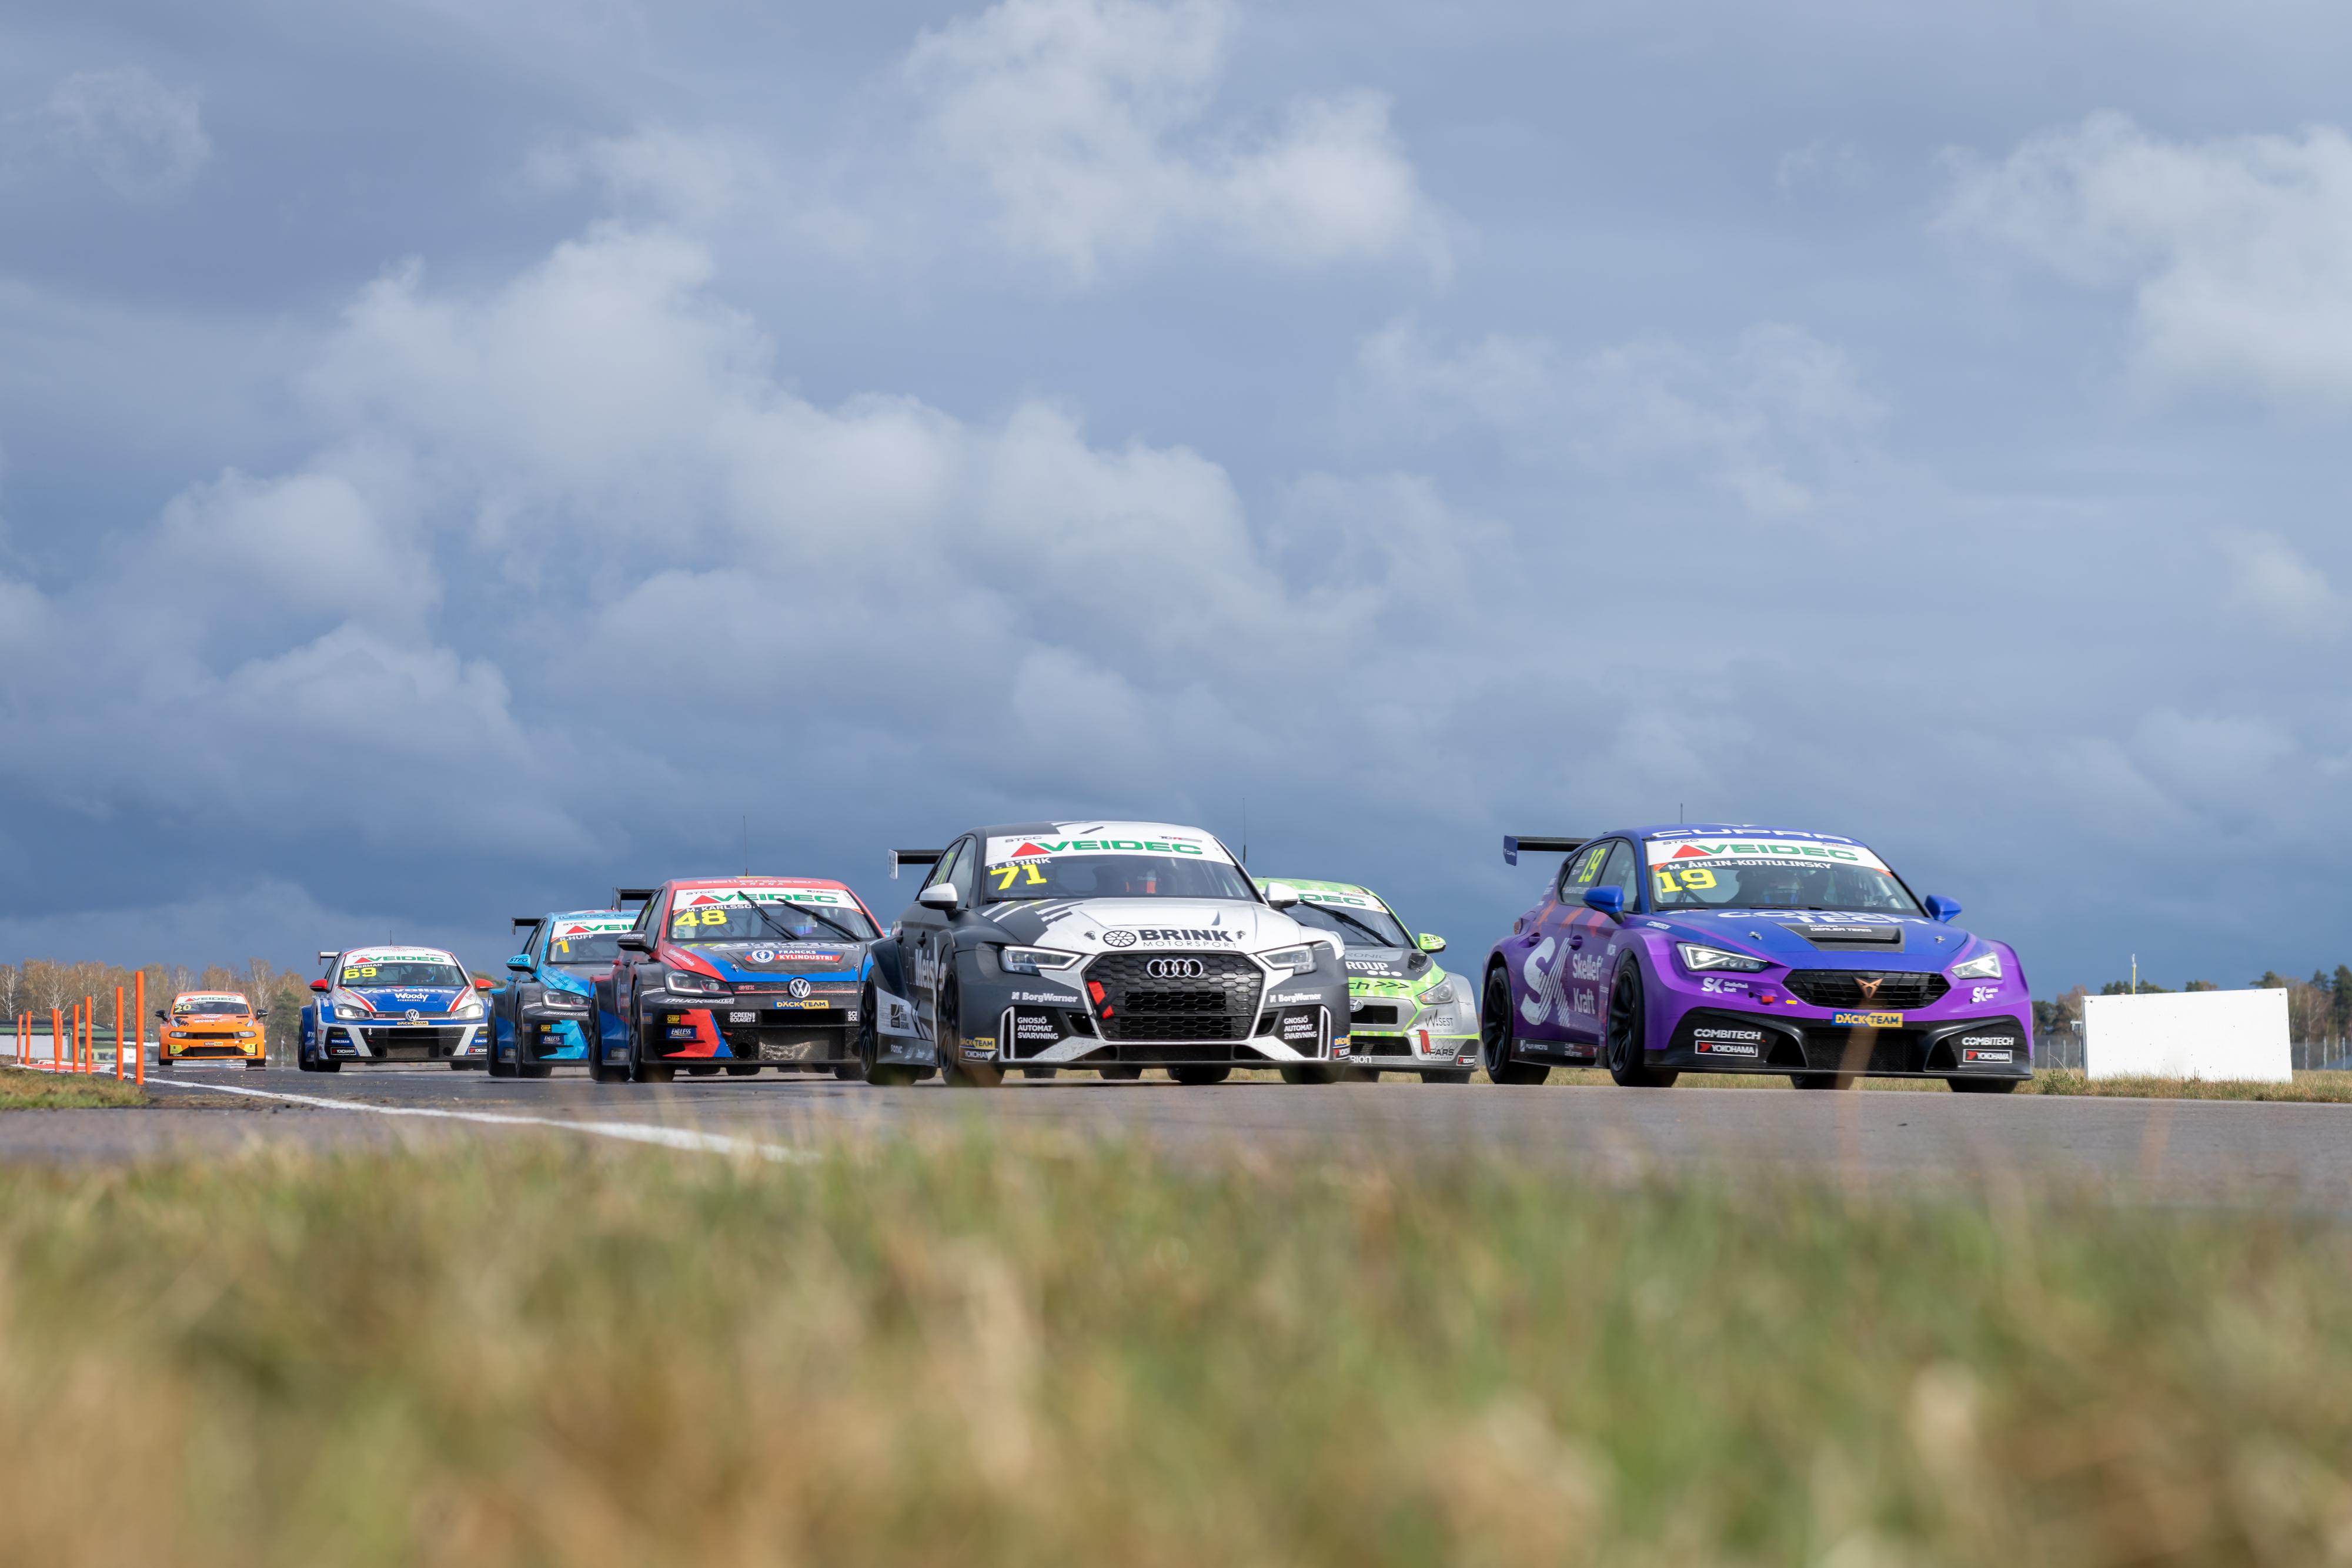 CUPRA Dealer Team - PWR Racing inleder jakten på STCC-guldet